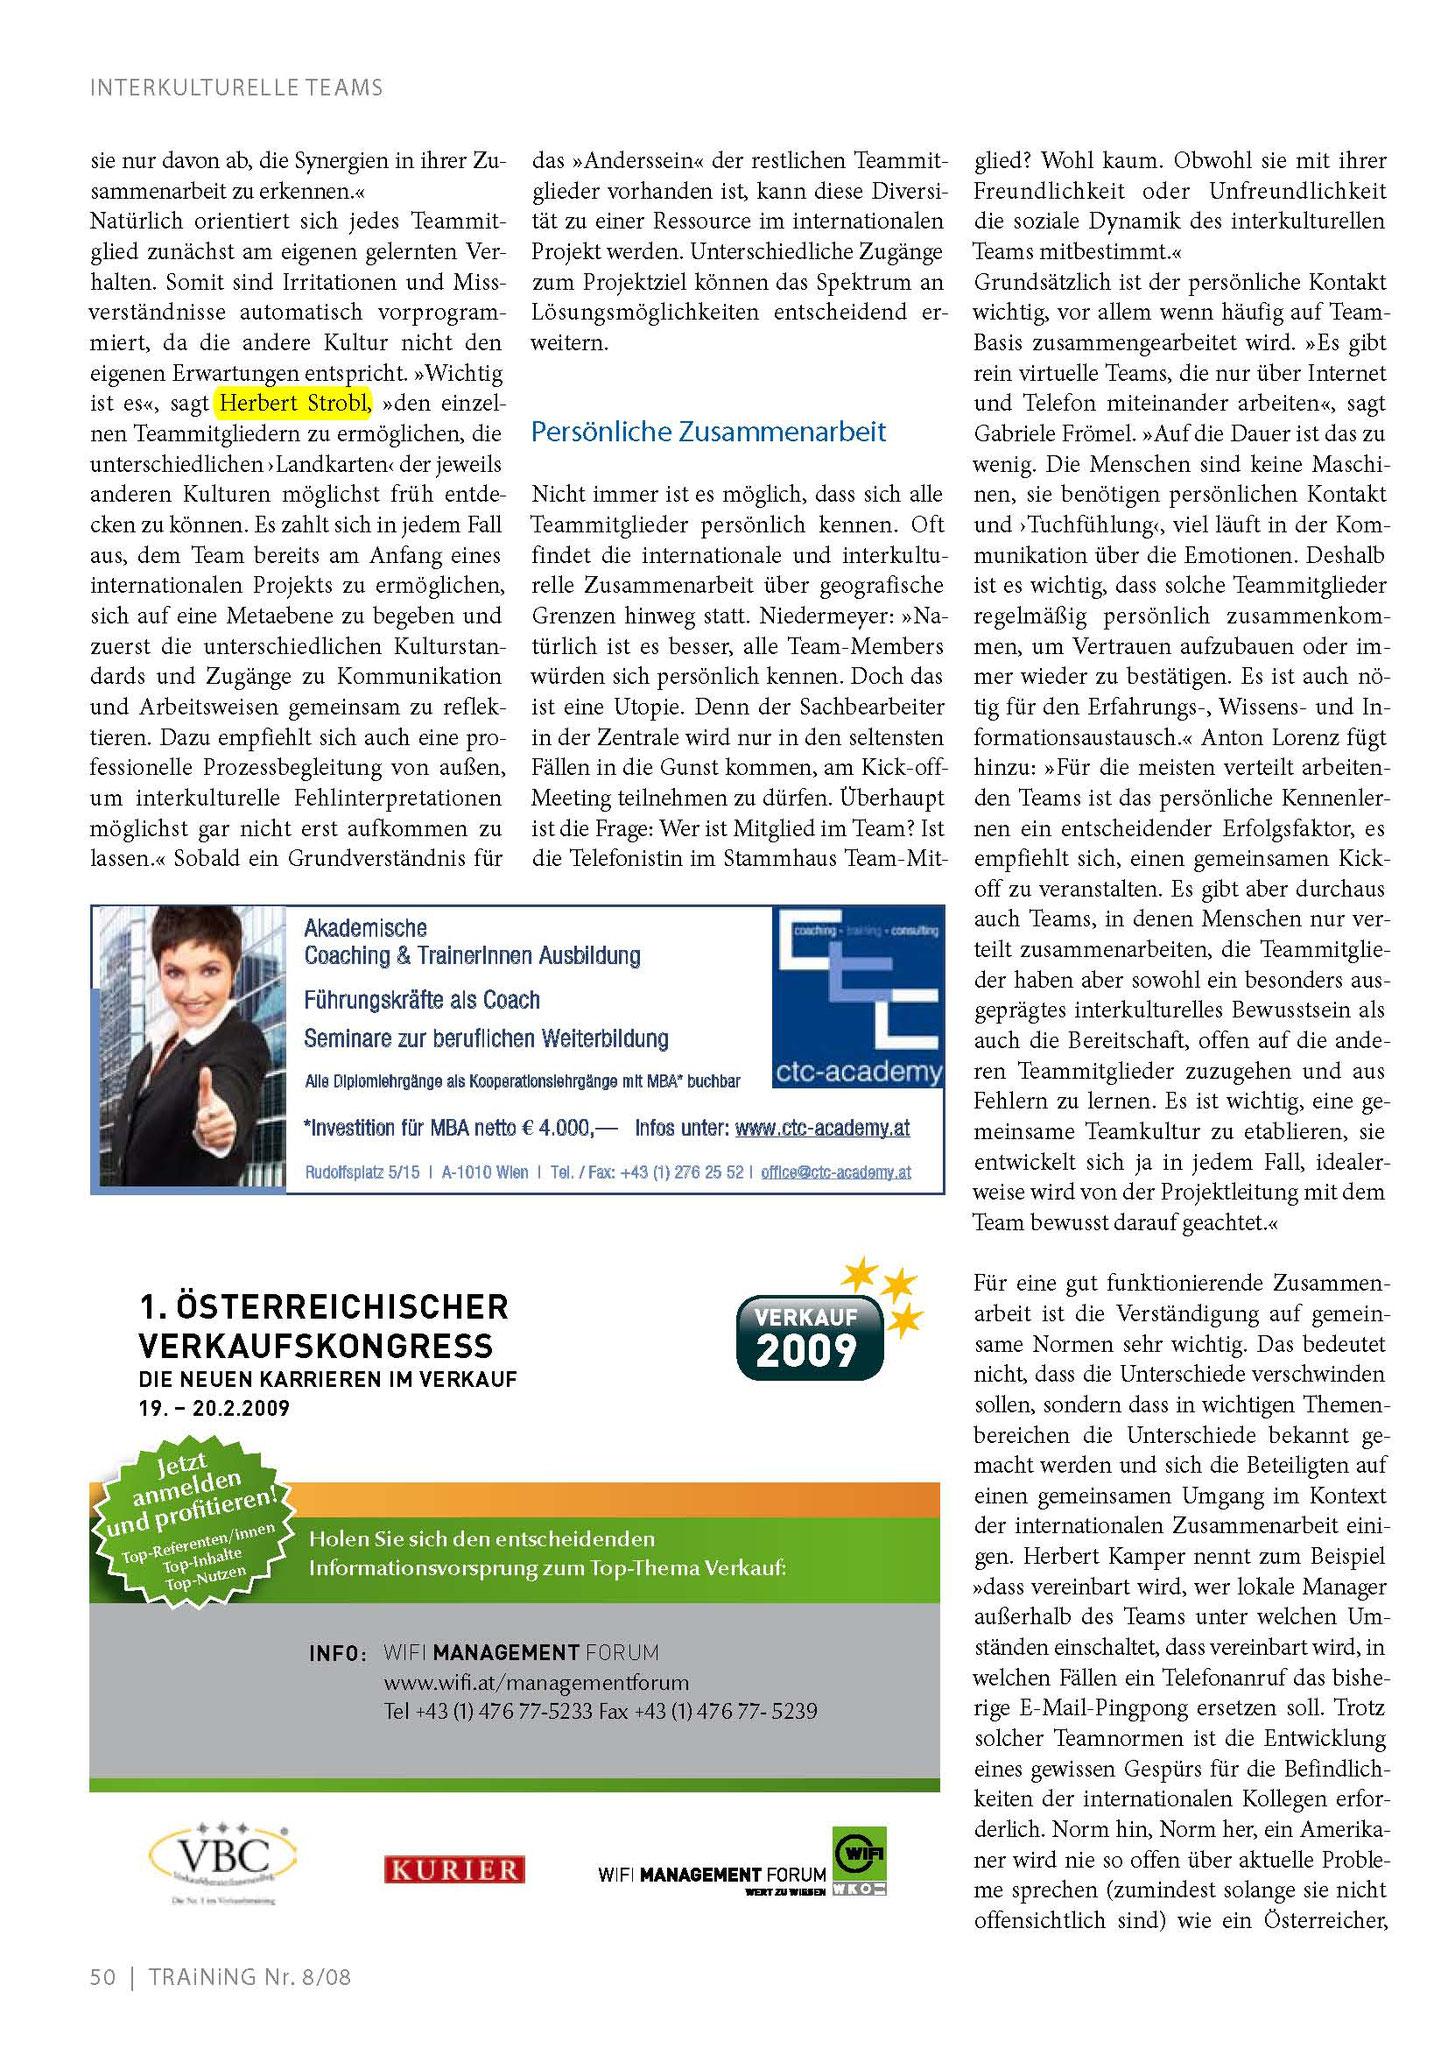 Interkulturelle Teamarbeit_TRAiNiNG Dez. 2008_Seite_3